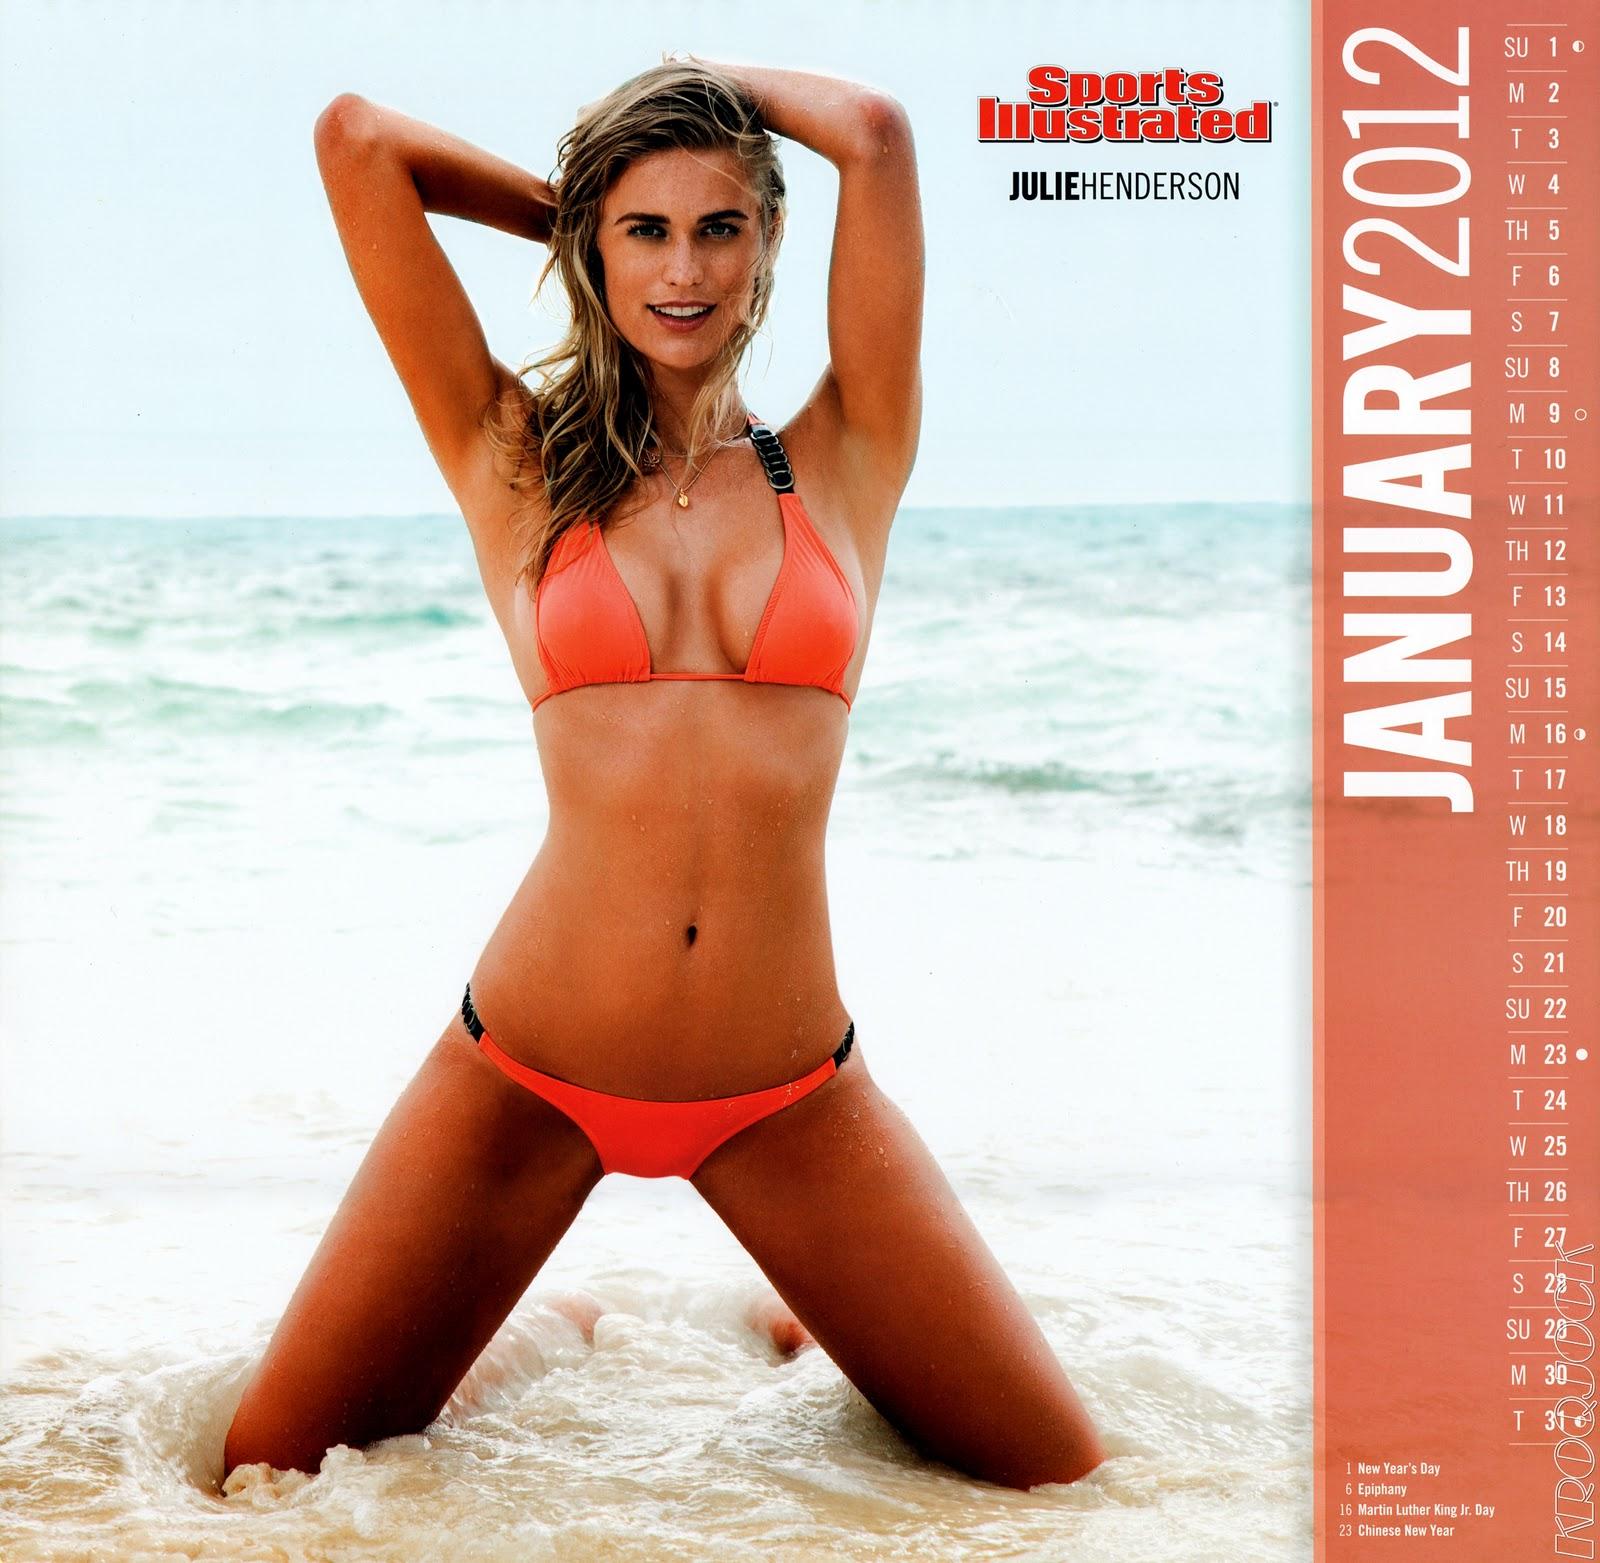 http://4.bp.blogspot.com/-8BFyPFHiMWU/TrtTGhQJ0WI/AAAAAAAAL14/ZZ4r21-FNUI/s1600/Sports+Illustrated+2012+Swimsuit+Calendar+%25283%2529.jpg